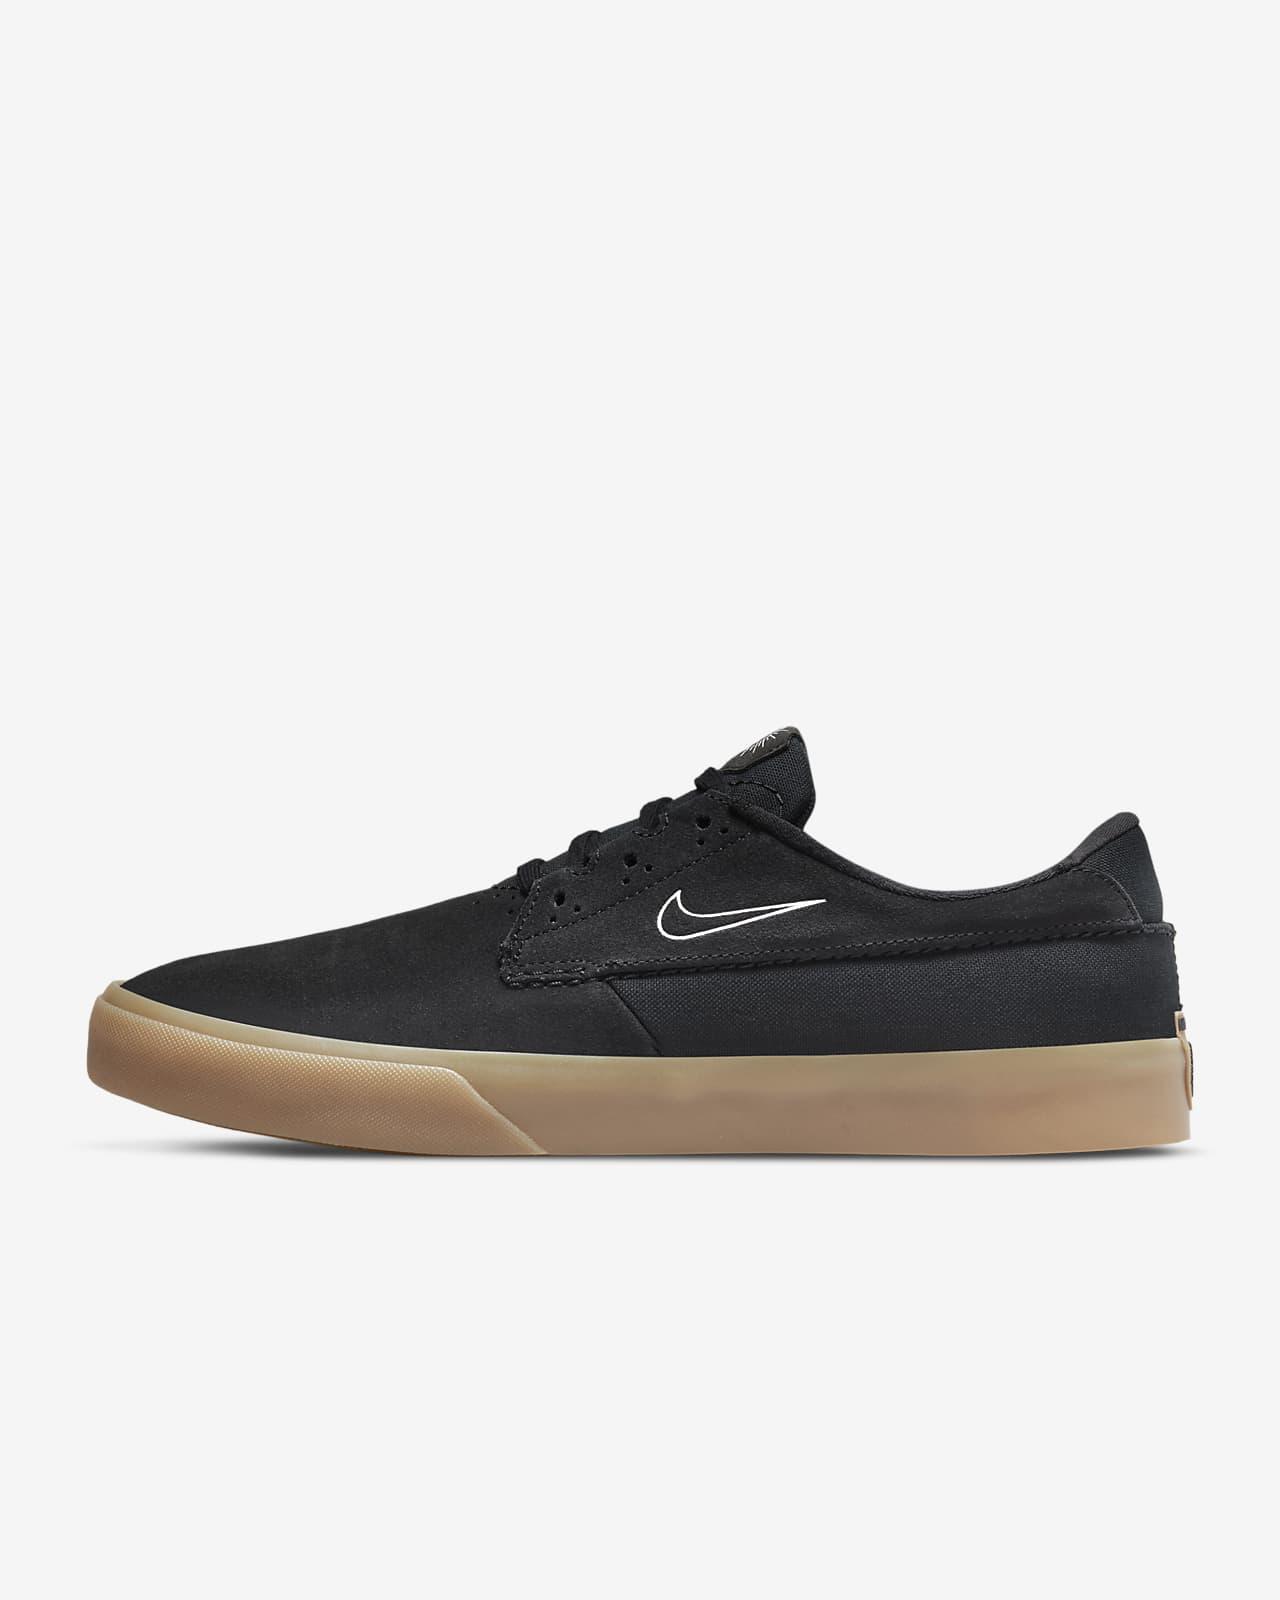 Nike SB Shane Skate Shoe